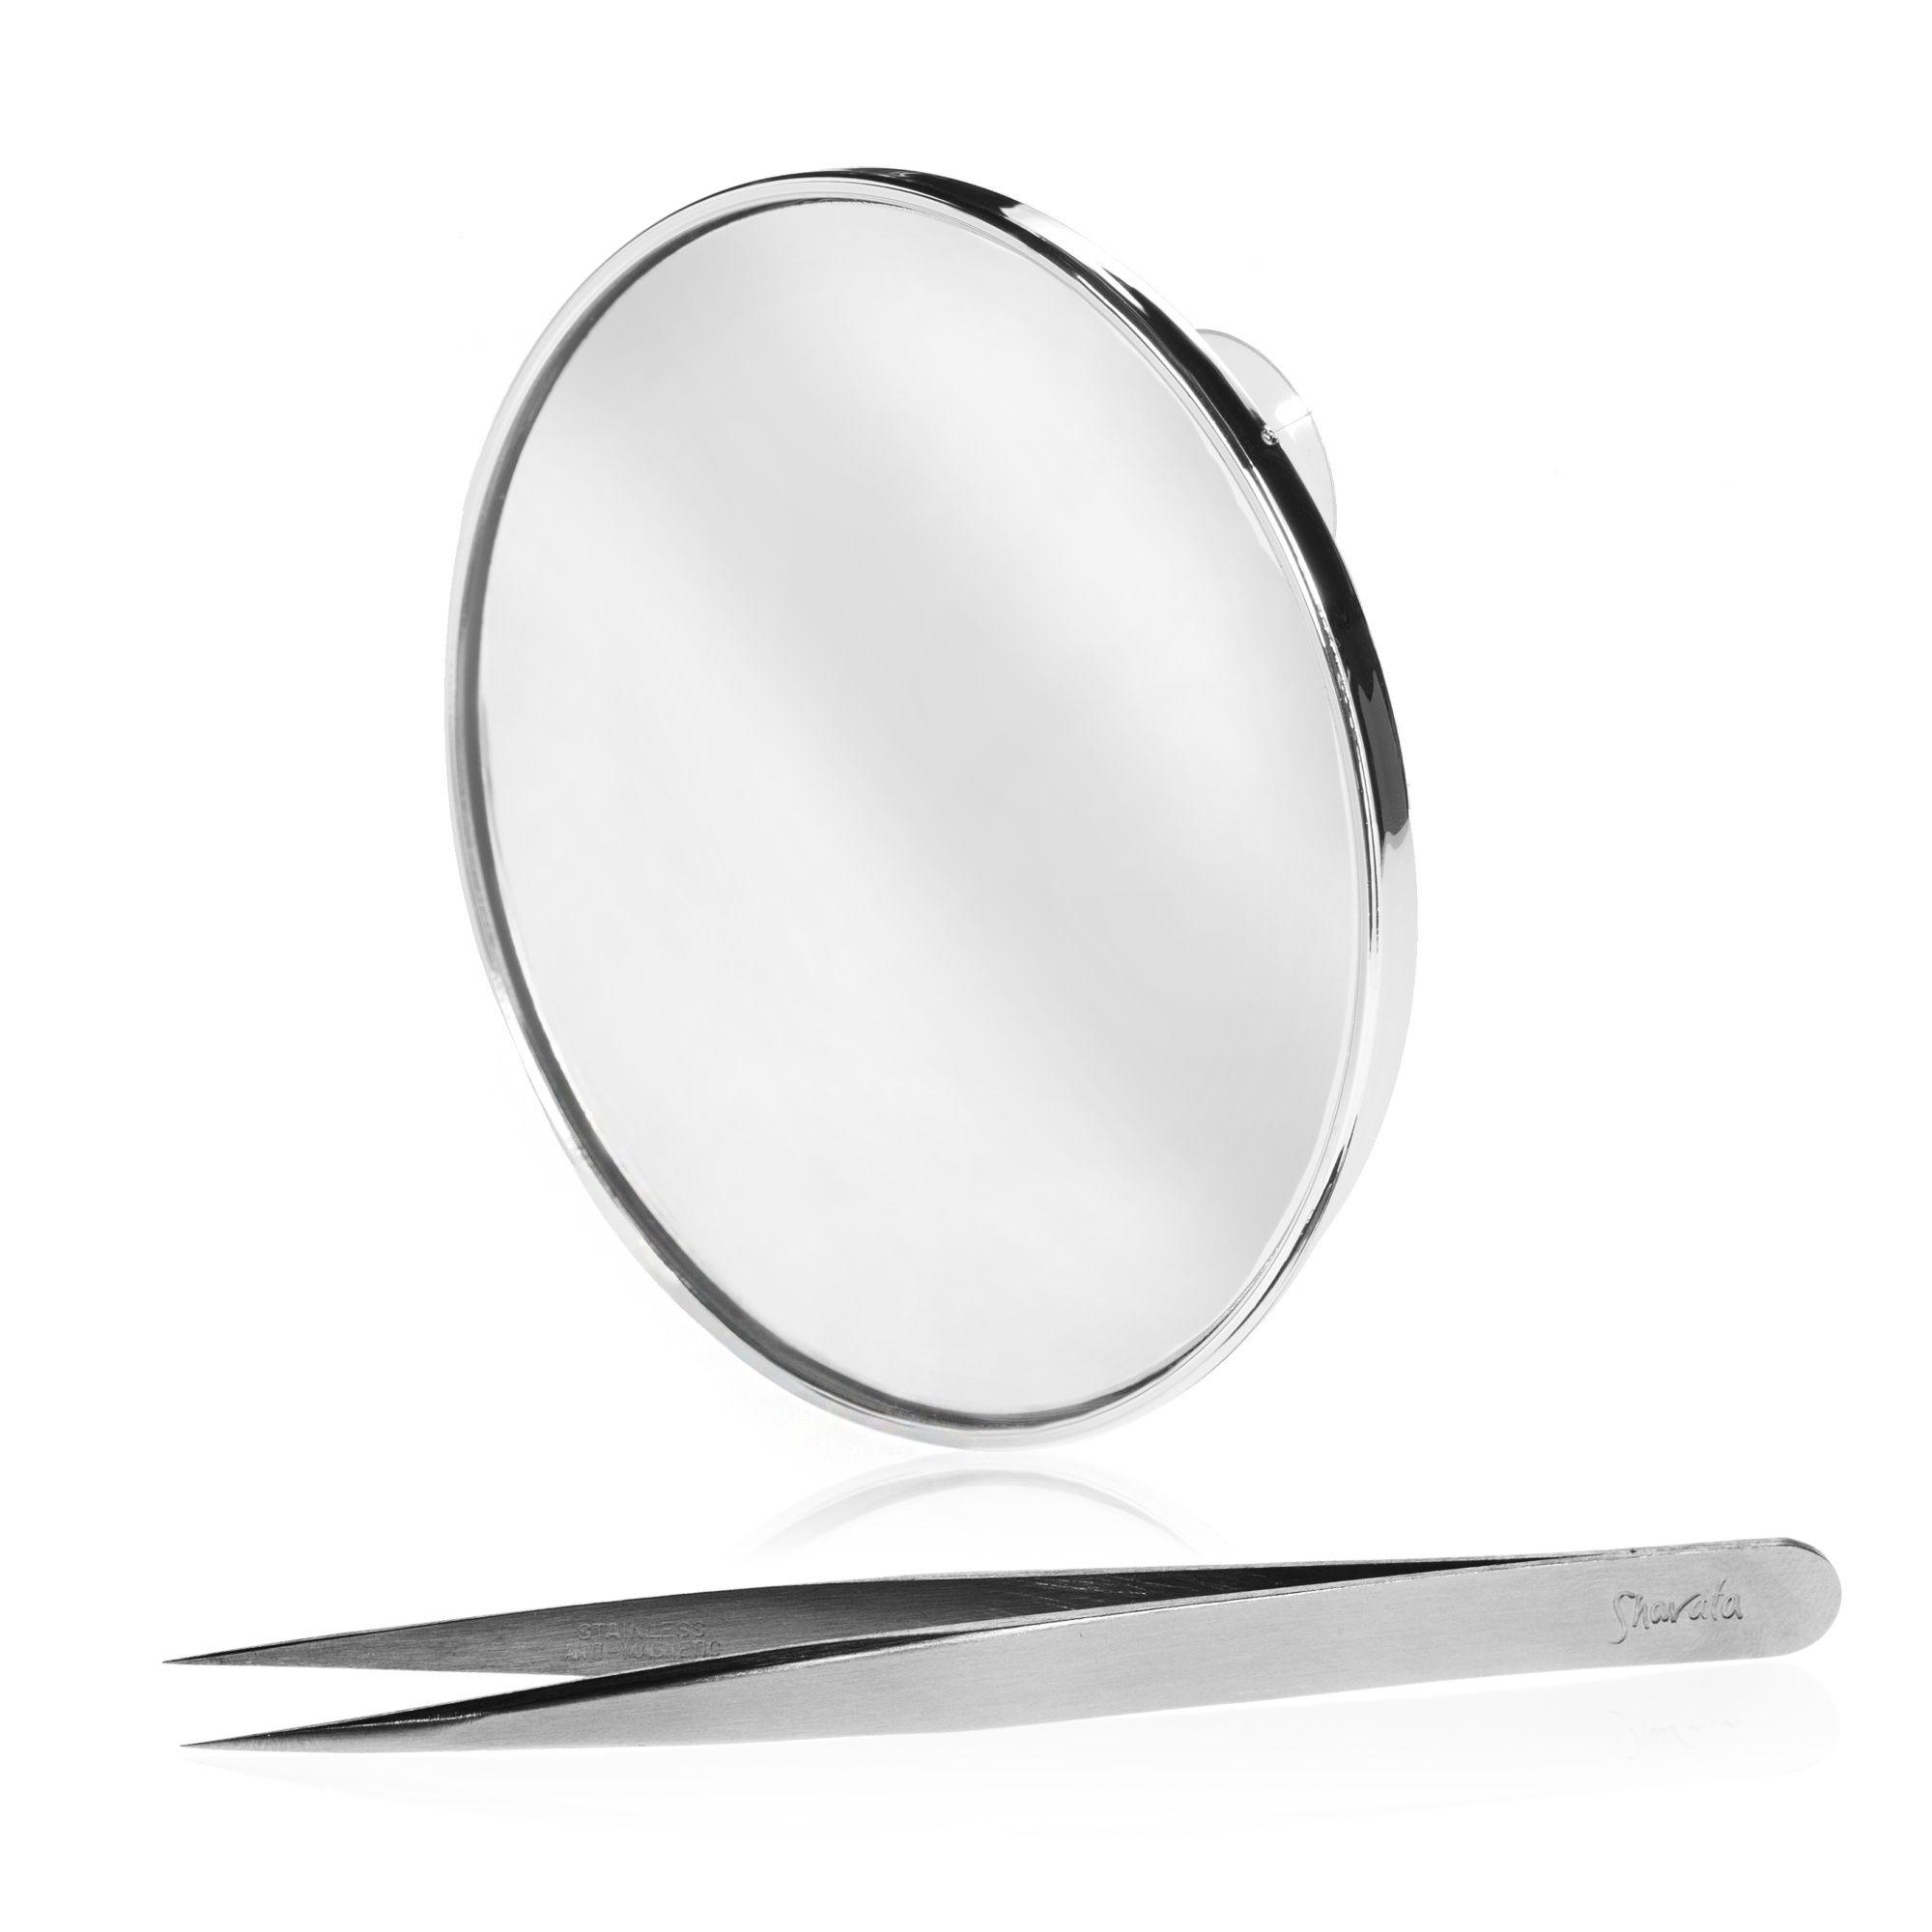 Shavata kit pinzetta di precisione e specchio ad - Specchio ingrandimento ...